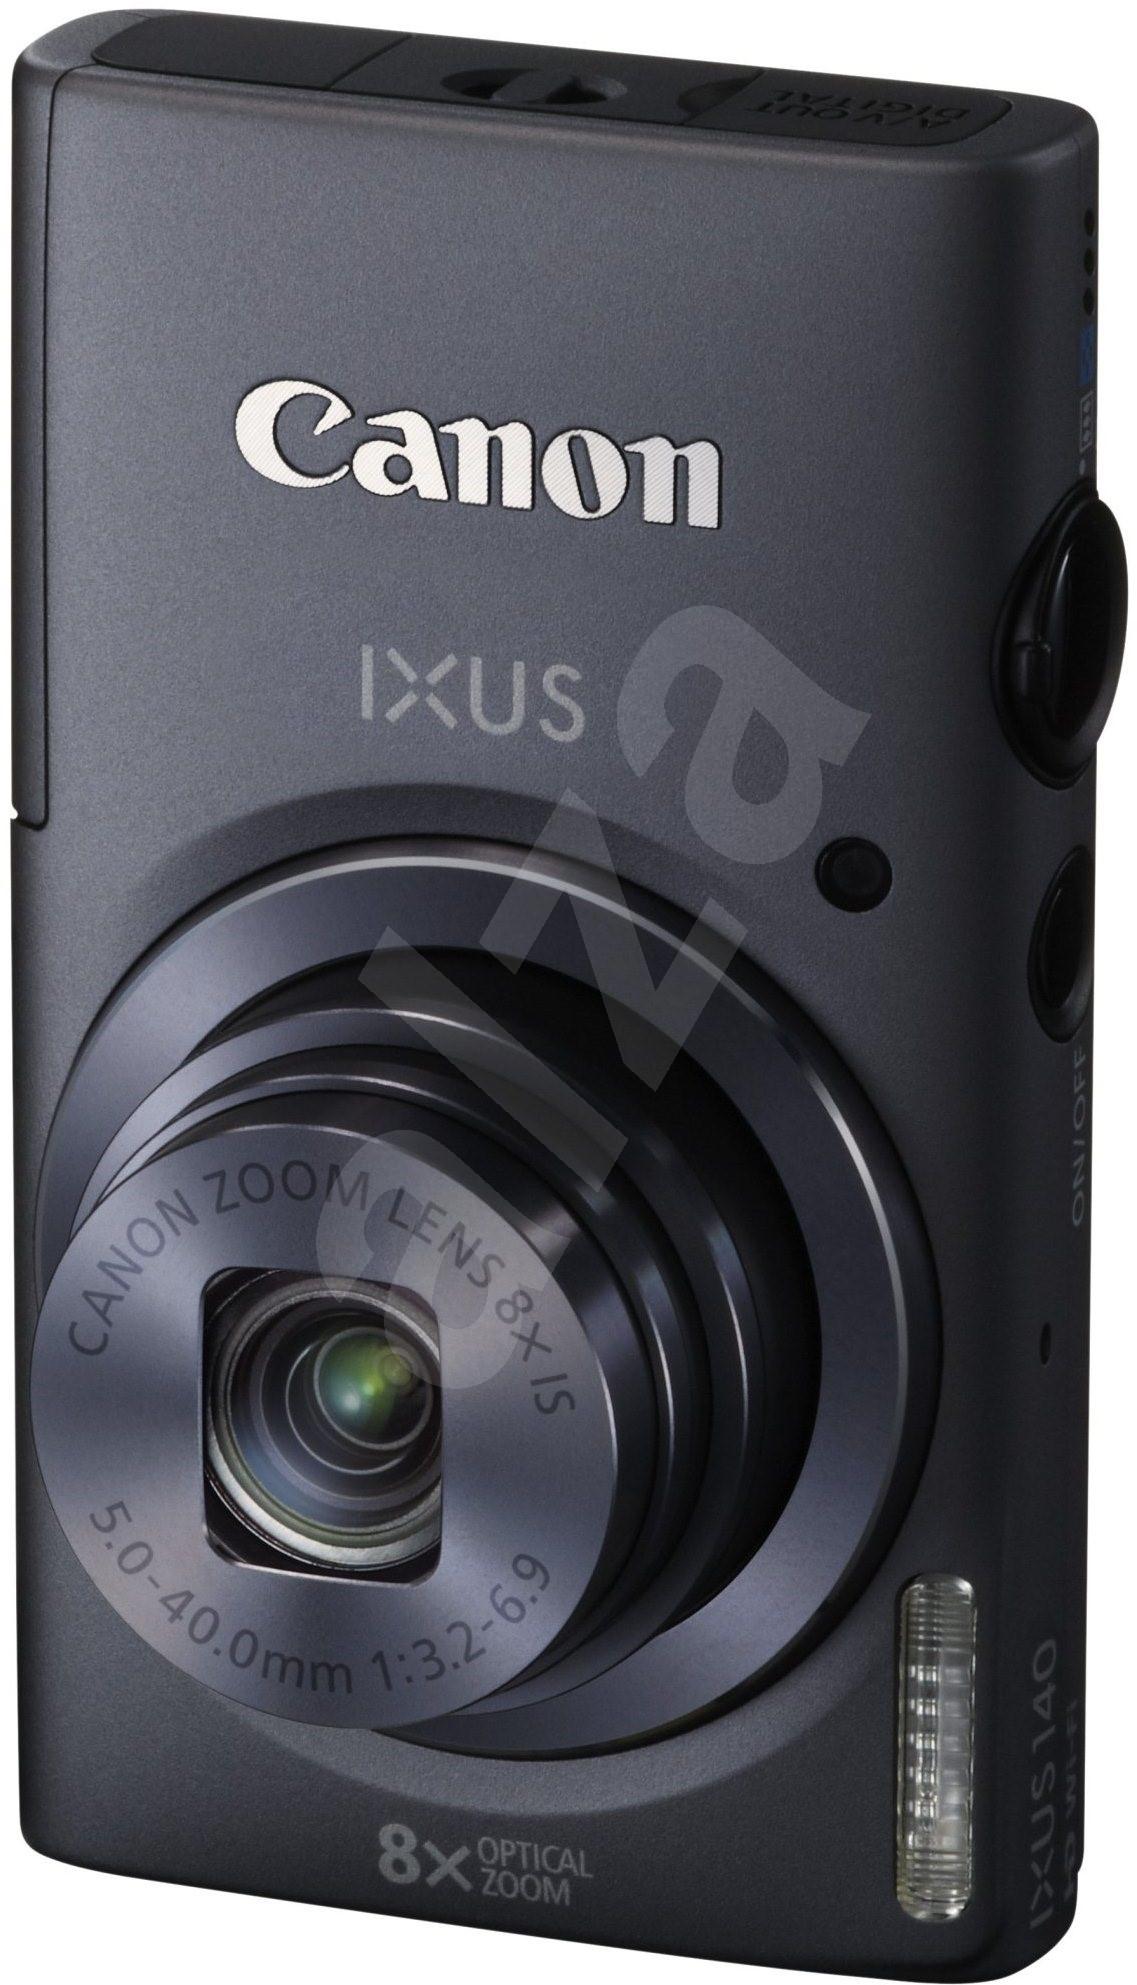 Canon ixus 65 digital Camera Manual